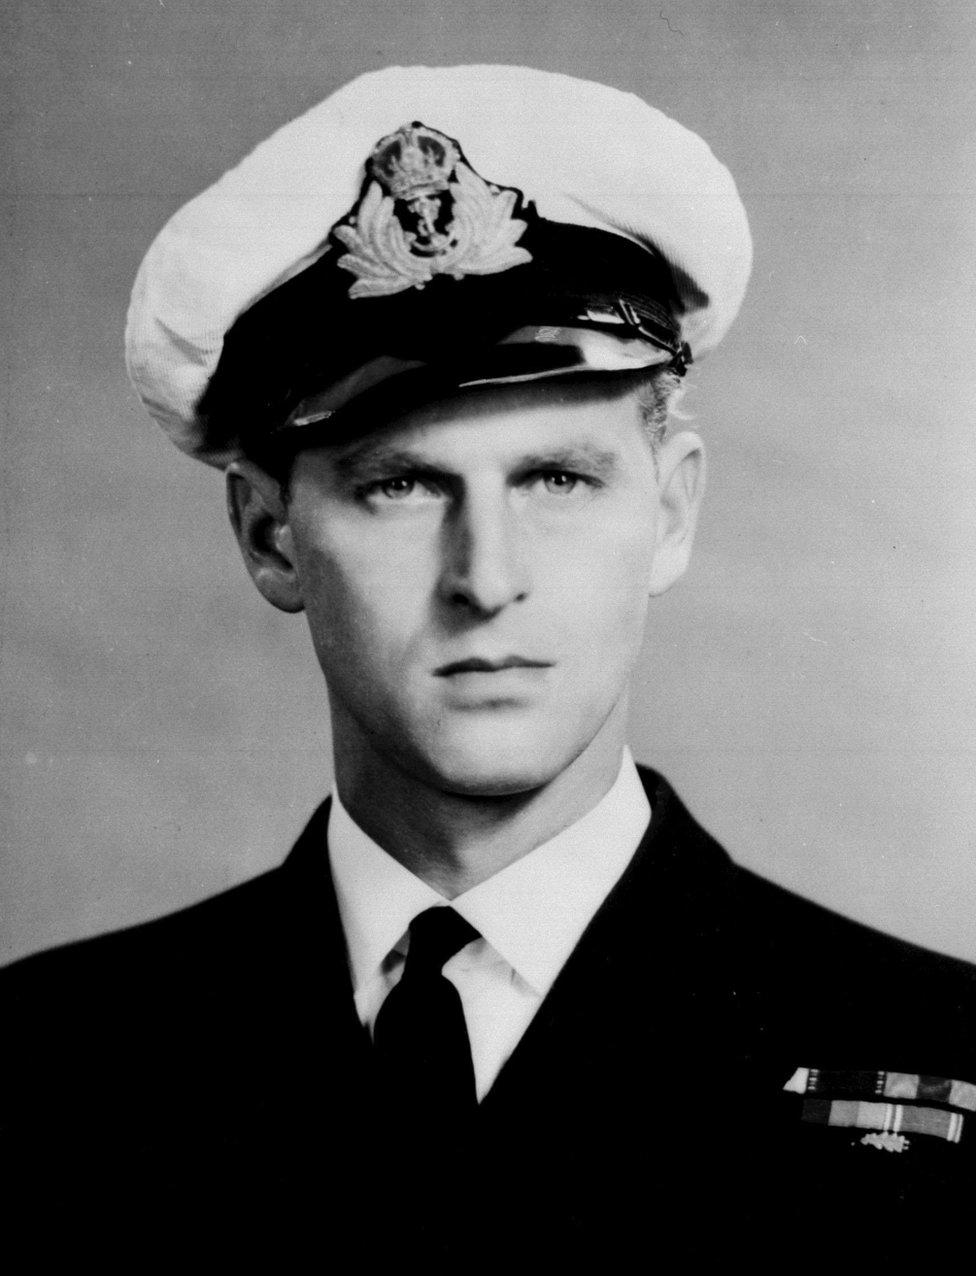 دوق إدنبره، البحرية الملكية. بورتسموث، إنجلترا.